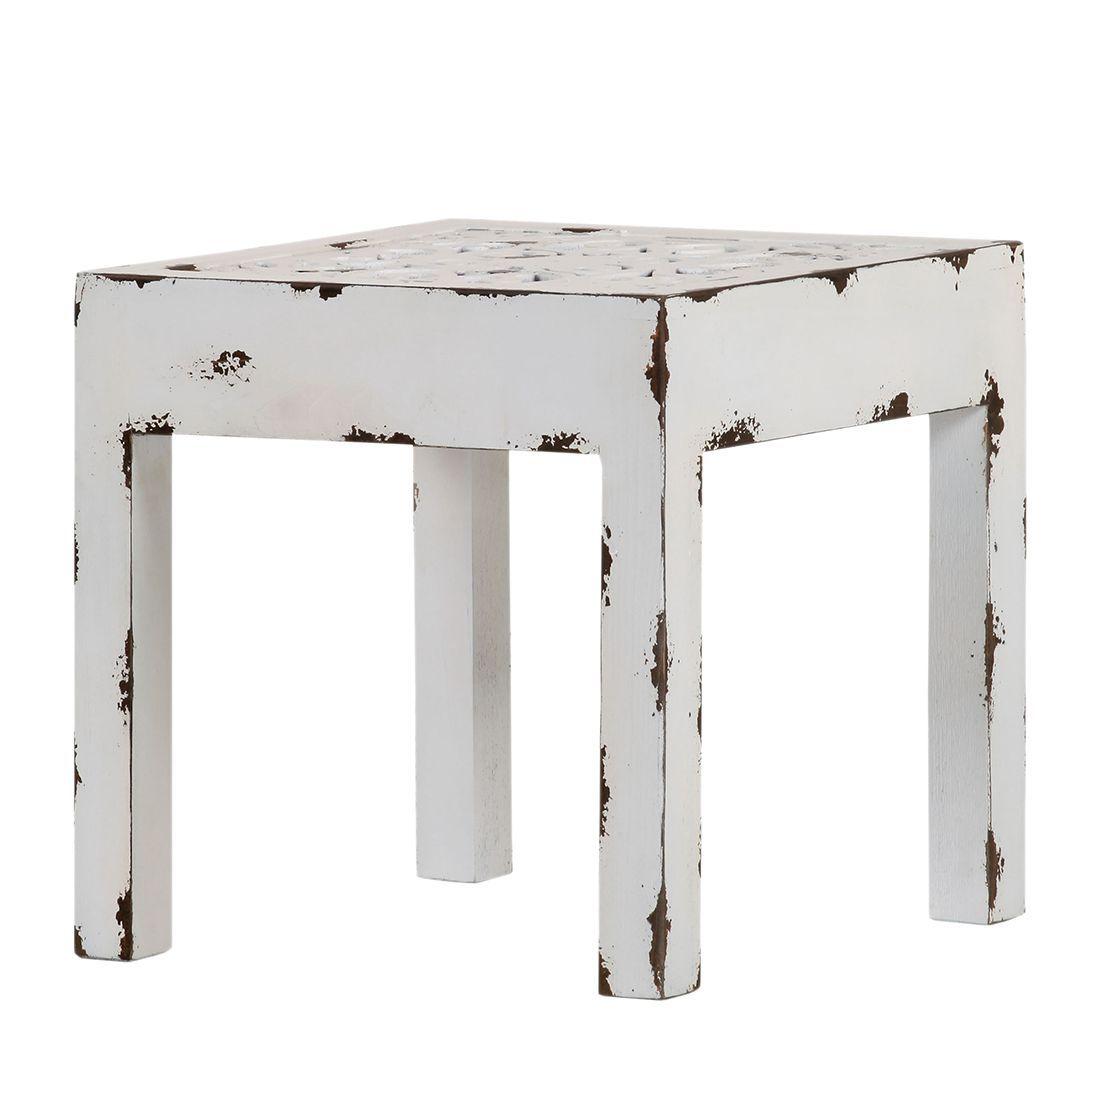 Table Basse Chapalasee In 2020 Beistelltische Beistelltisch Holz Und Beistelltisch Weiss